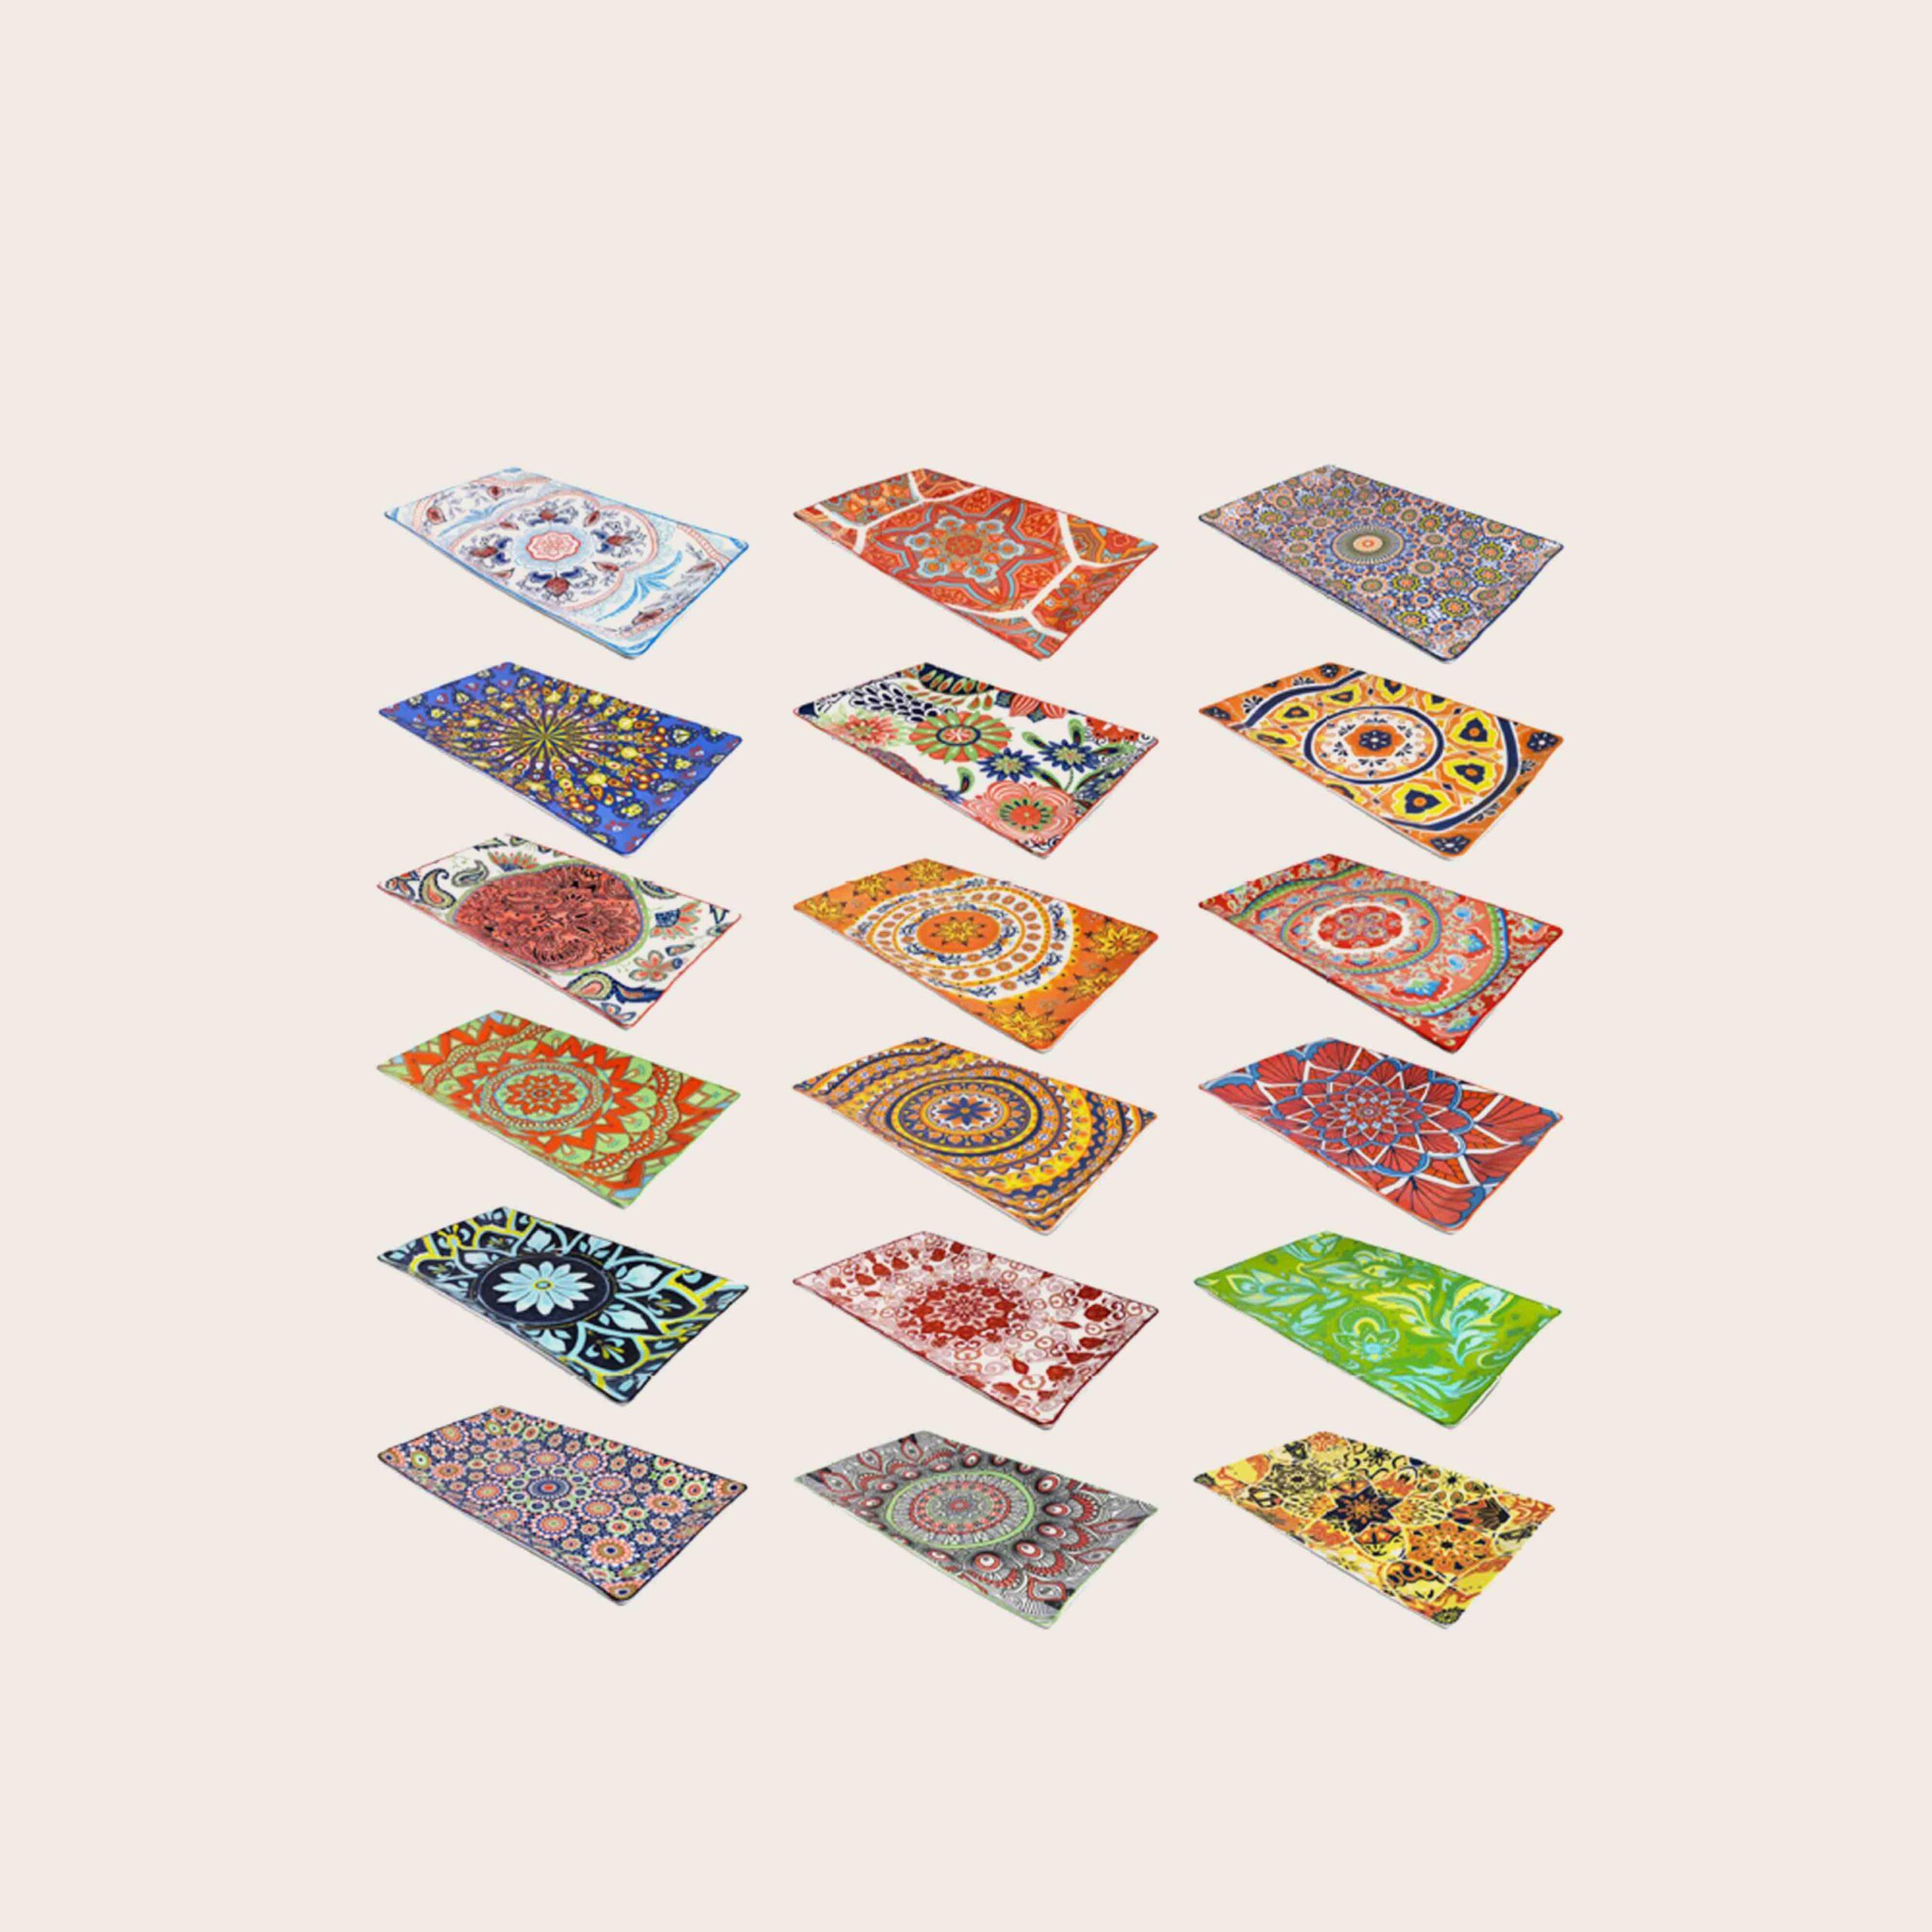 Kyoto vassoio rettangolare in porcellana